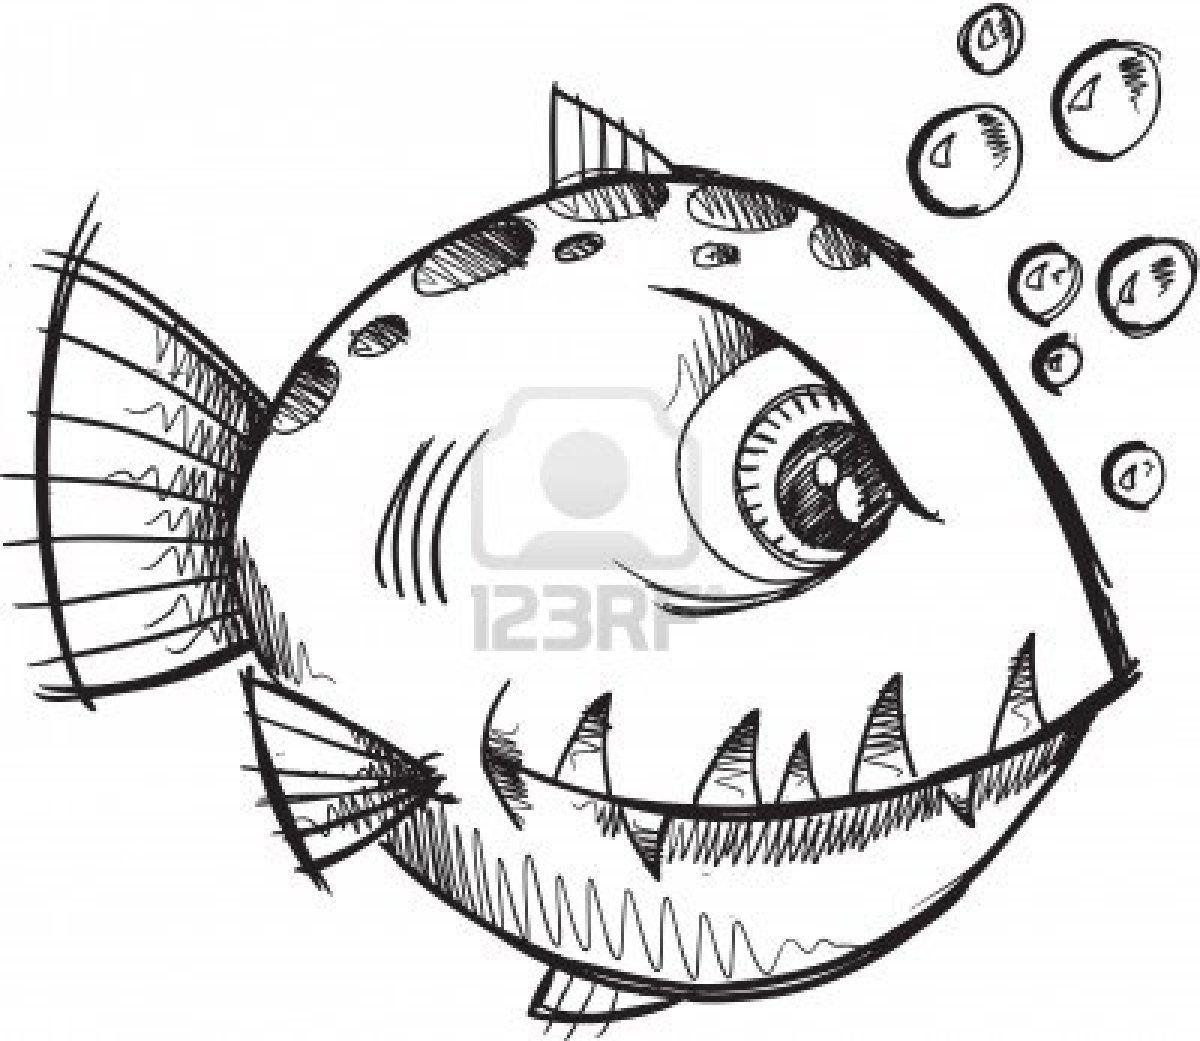 I like the eye and teeth and basic body shape.